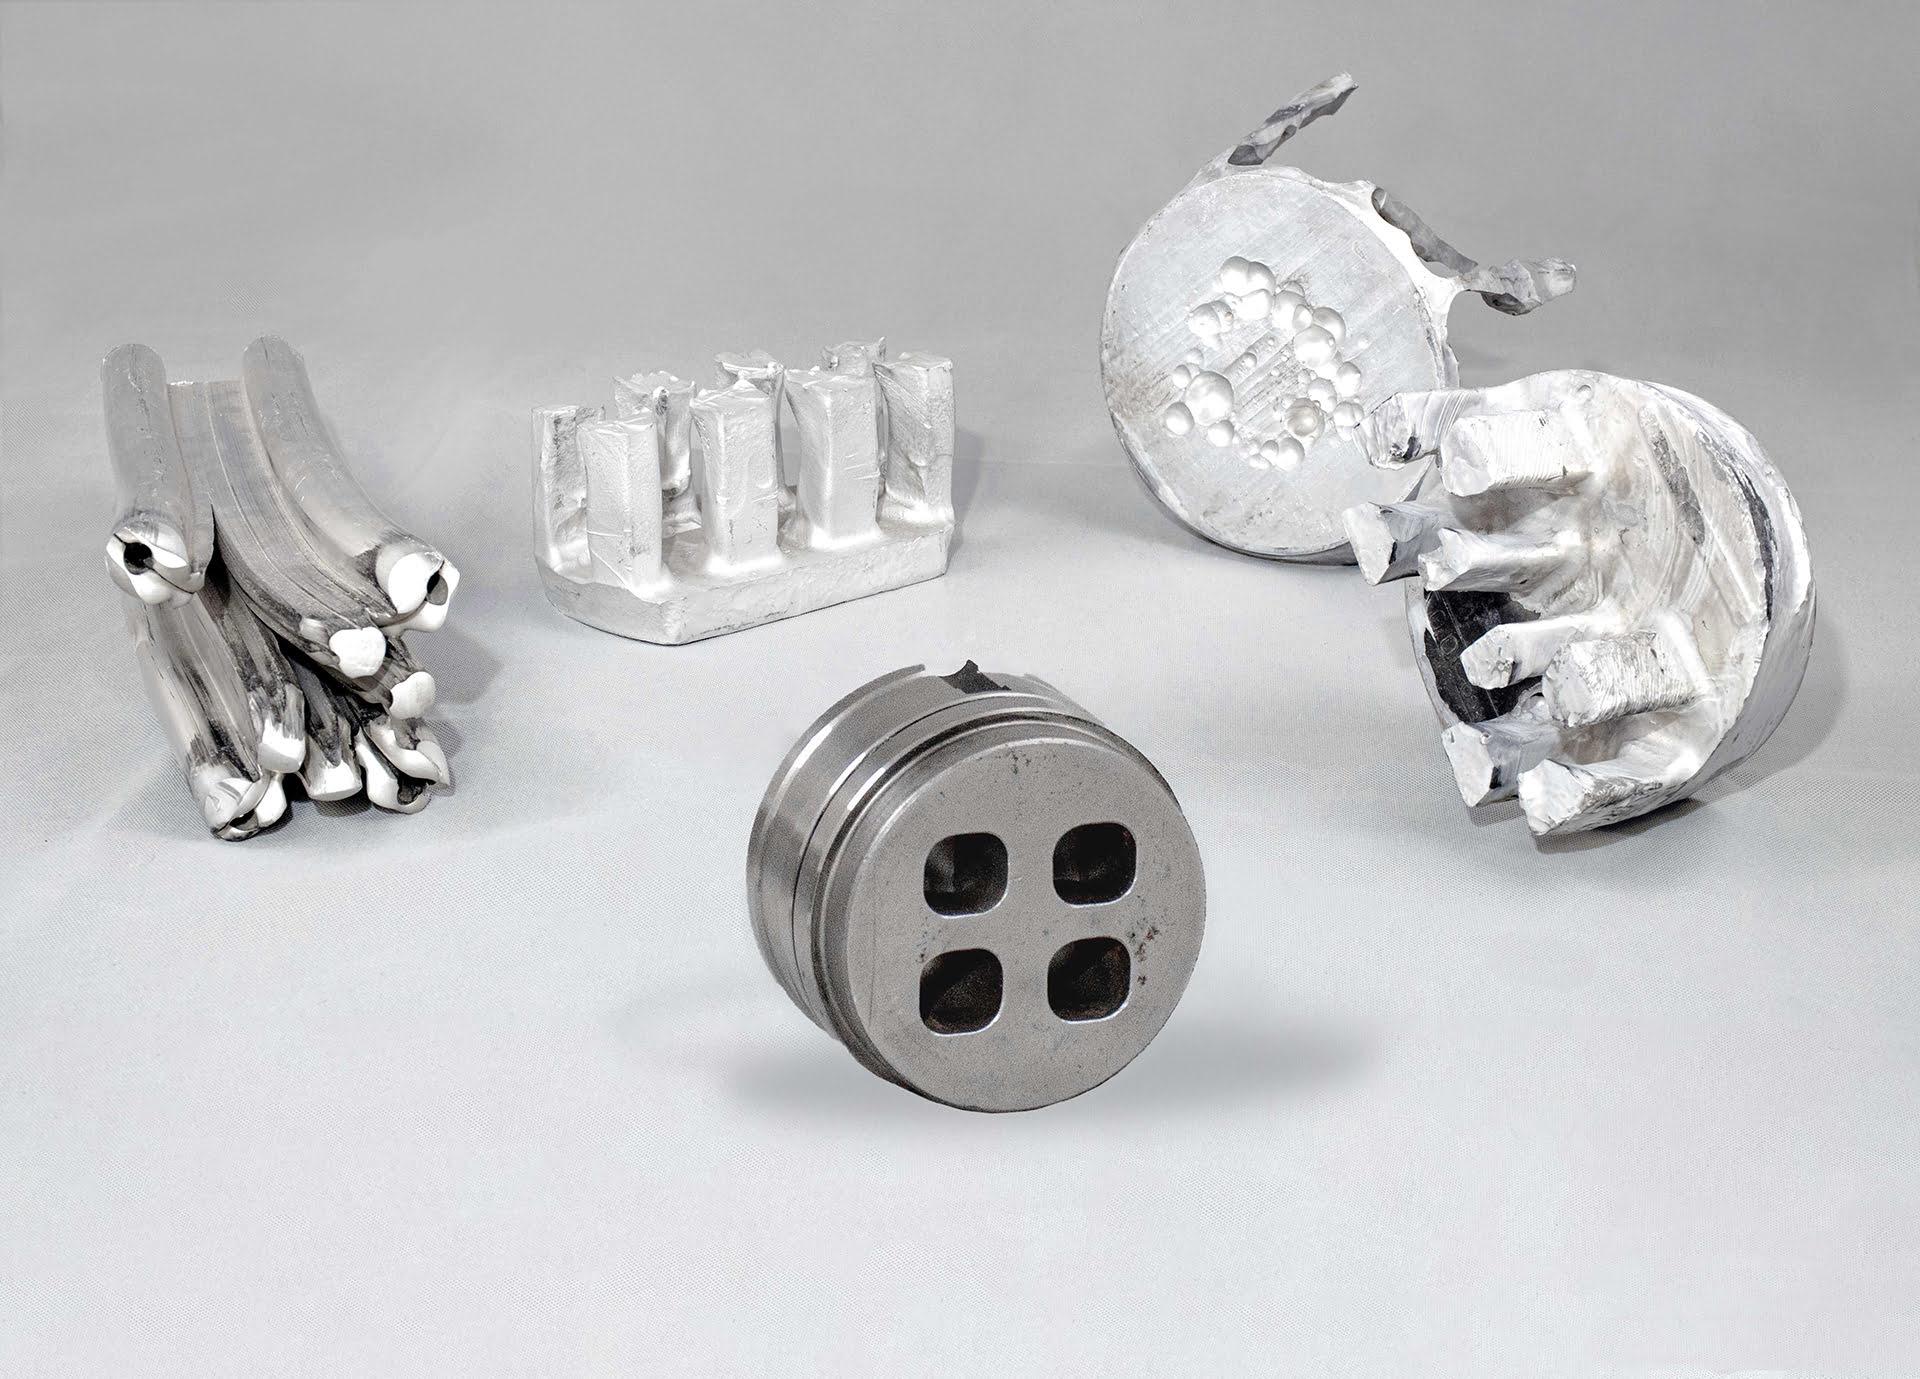 Matrize, Extrudieren, Strangpresse, Aluminium, Matrizenreinigung,Werkzeugbeize